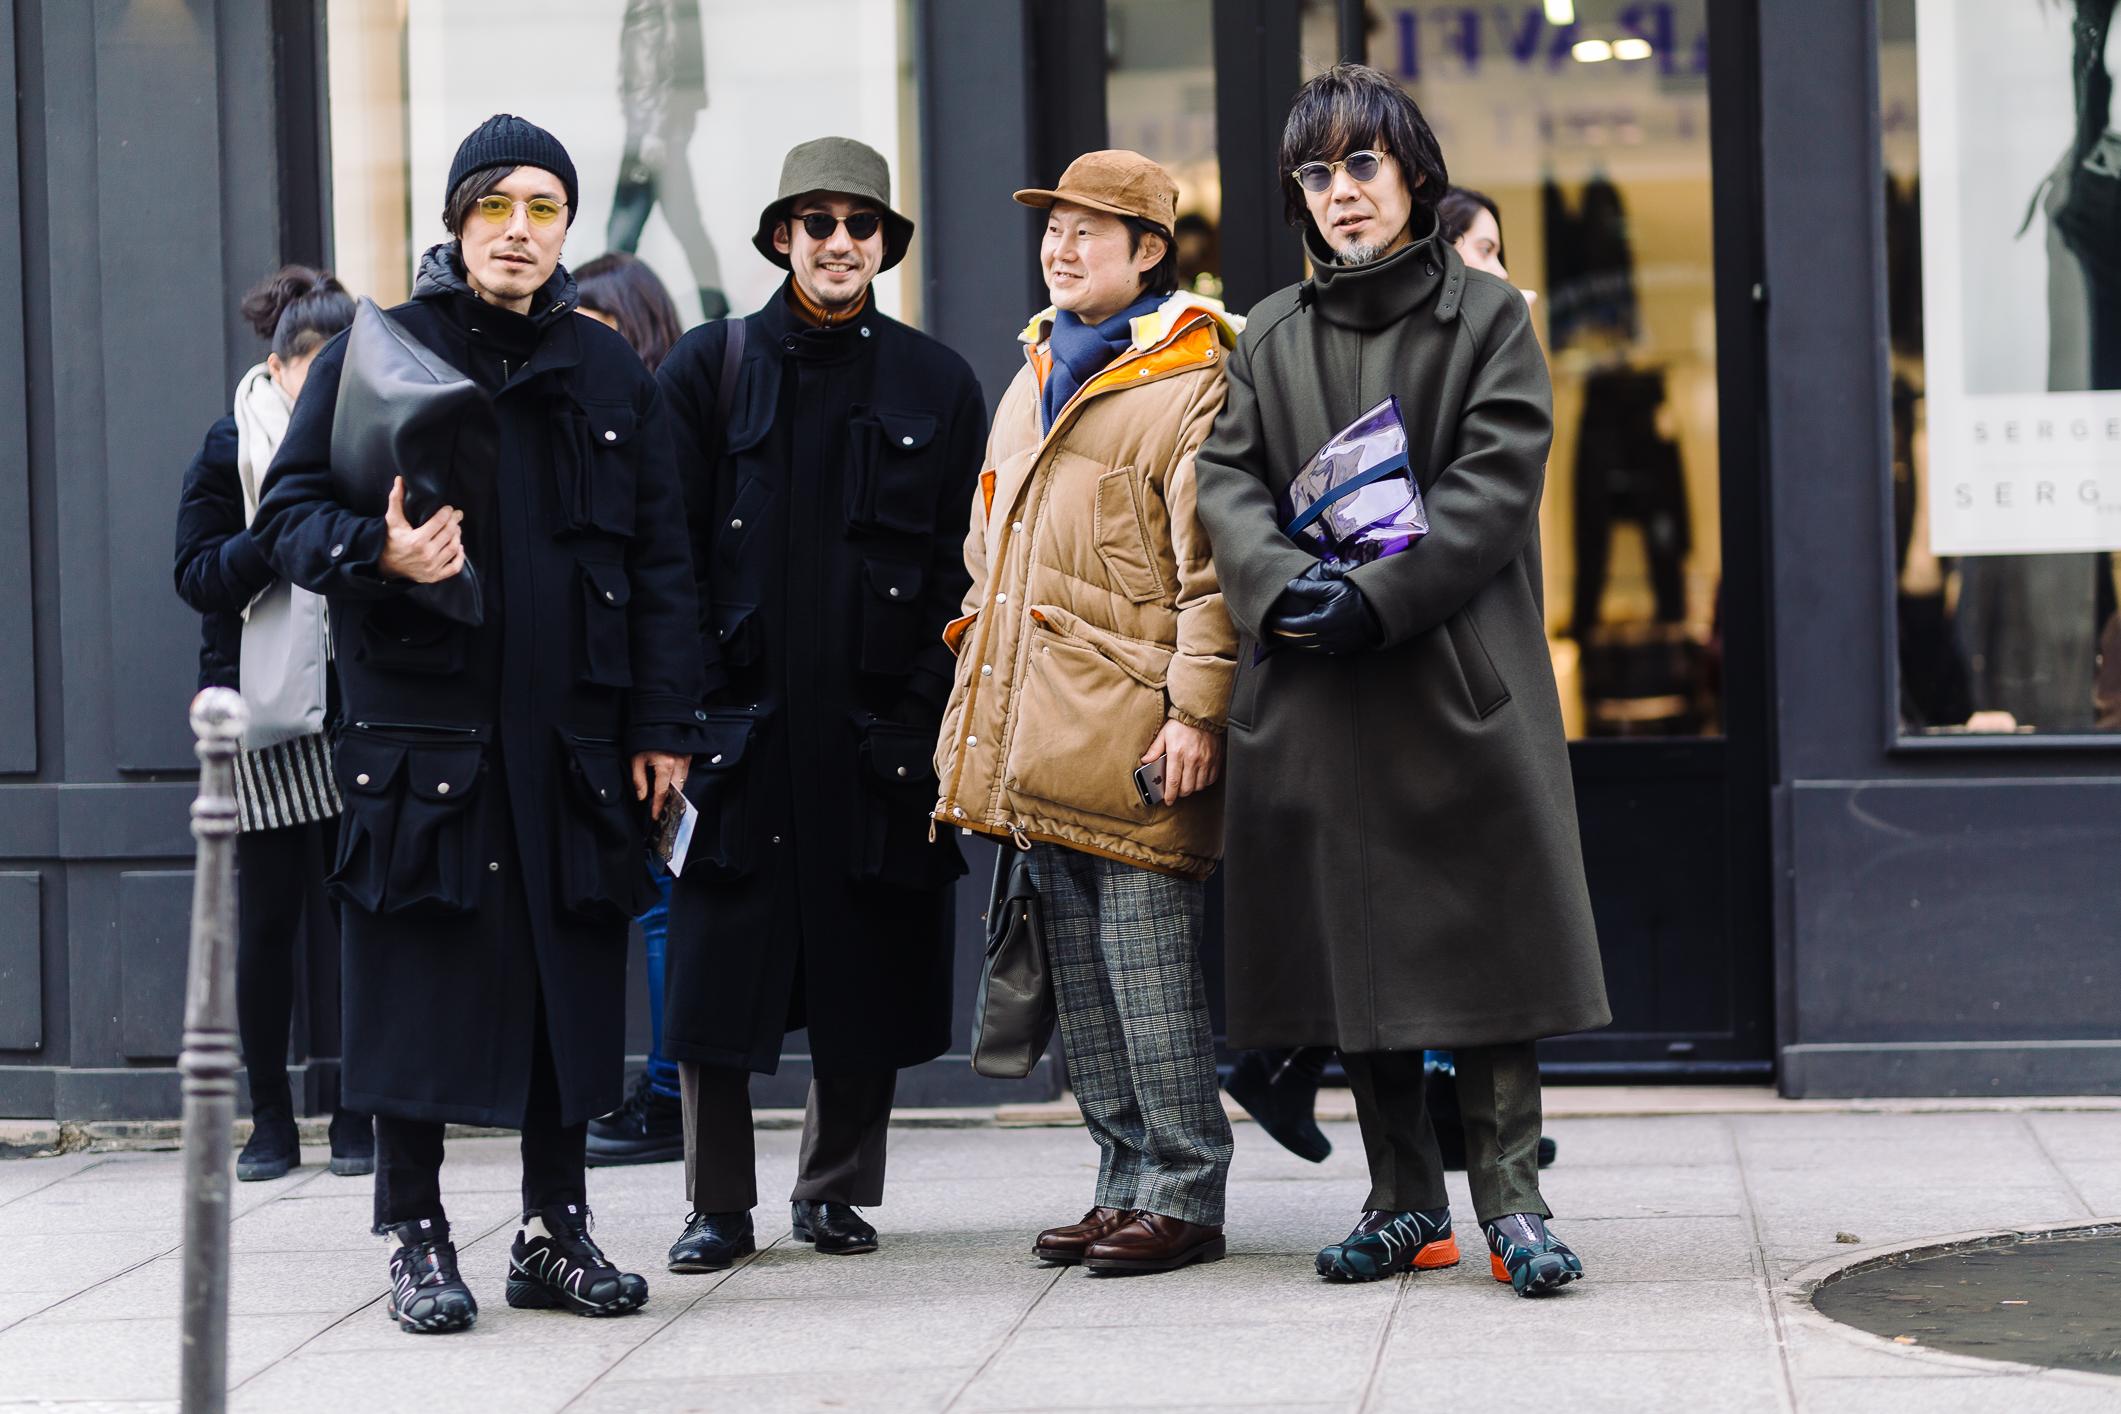 Ngoài những màu sắc trẻ trung năng động, những gam màu tối, trầm của những chiếc áo khoác oversive mang đến sự ấm áp